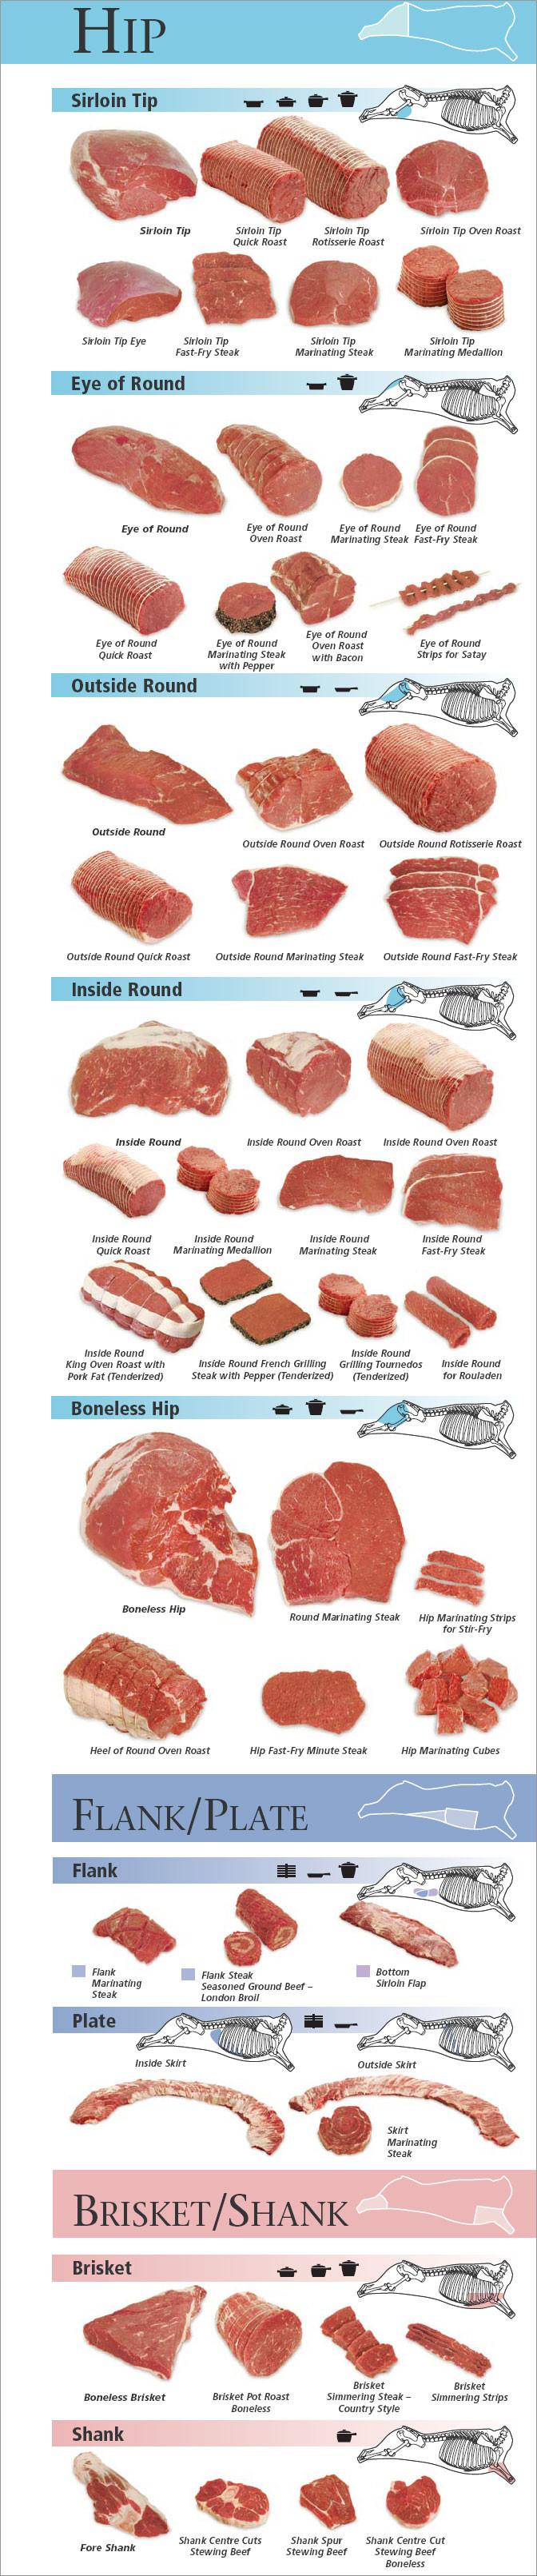 DiPietro's Hip Beef Cuts, Round, Flank,Brisket,Shank